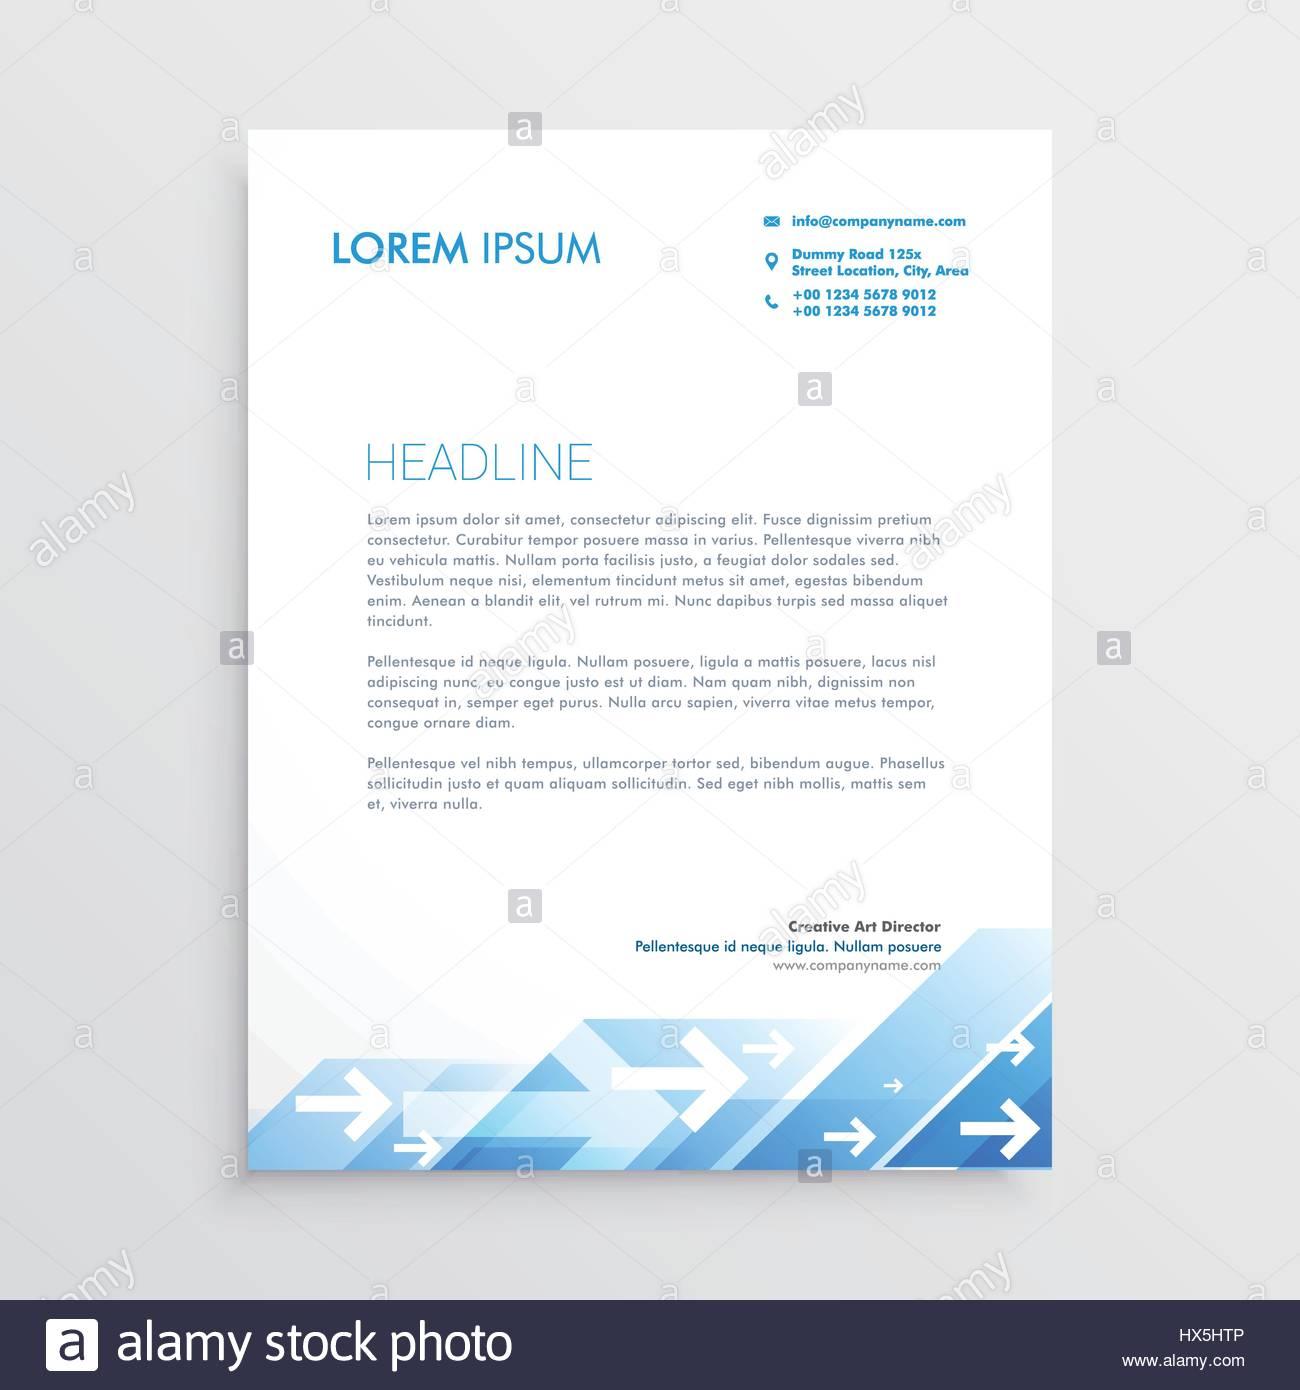 Kreative Briefkopf Design Mit Abstrakten Blauer Pfeil Design Vektor